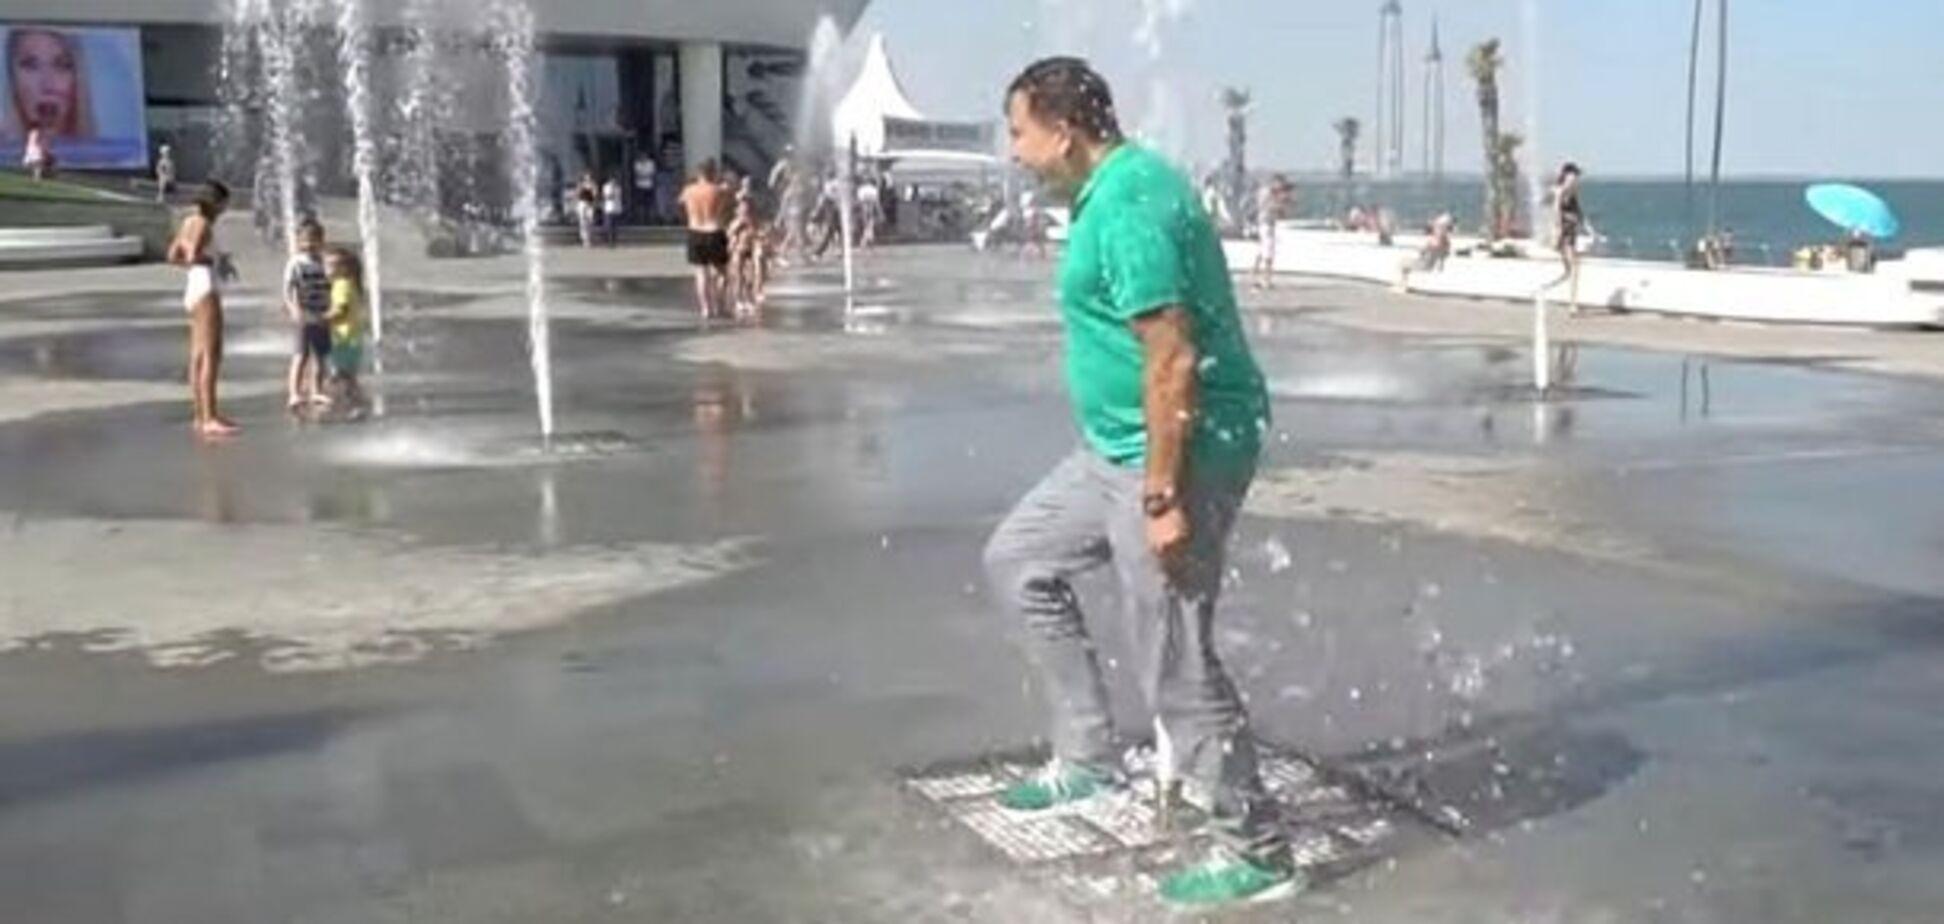 Саакашвілі повторив трюк Зеленського з фонтаном: відеофакт